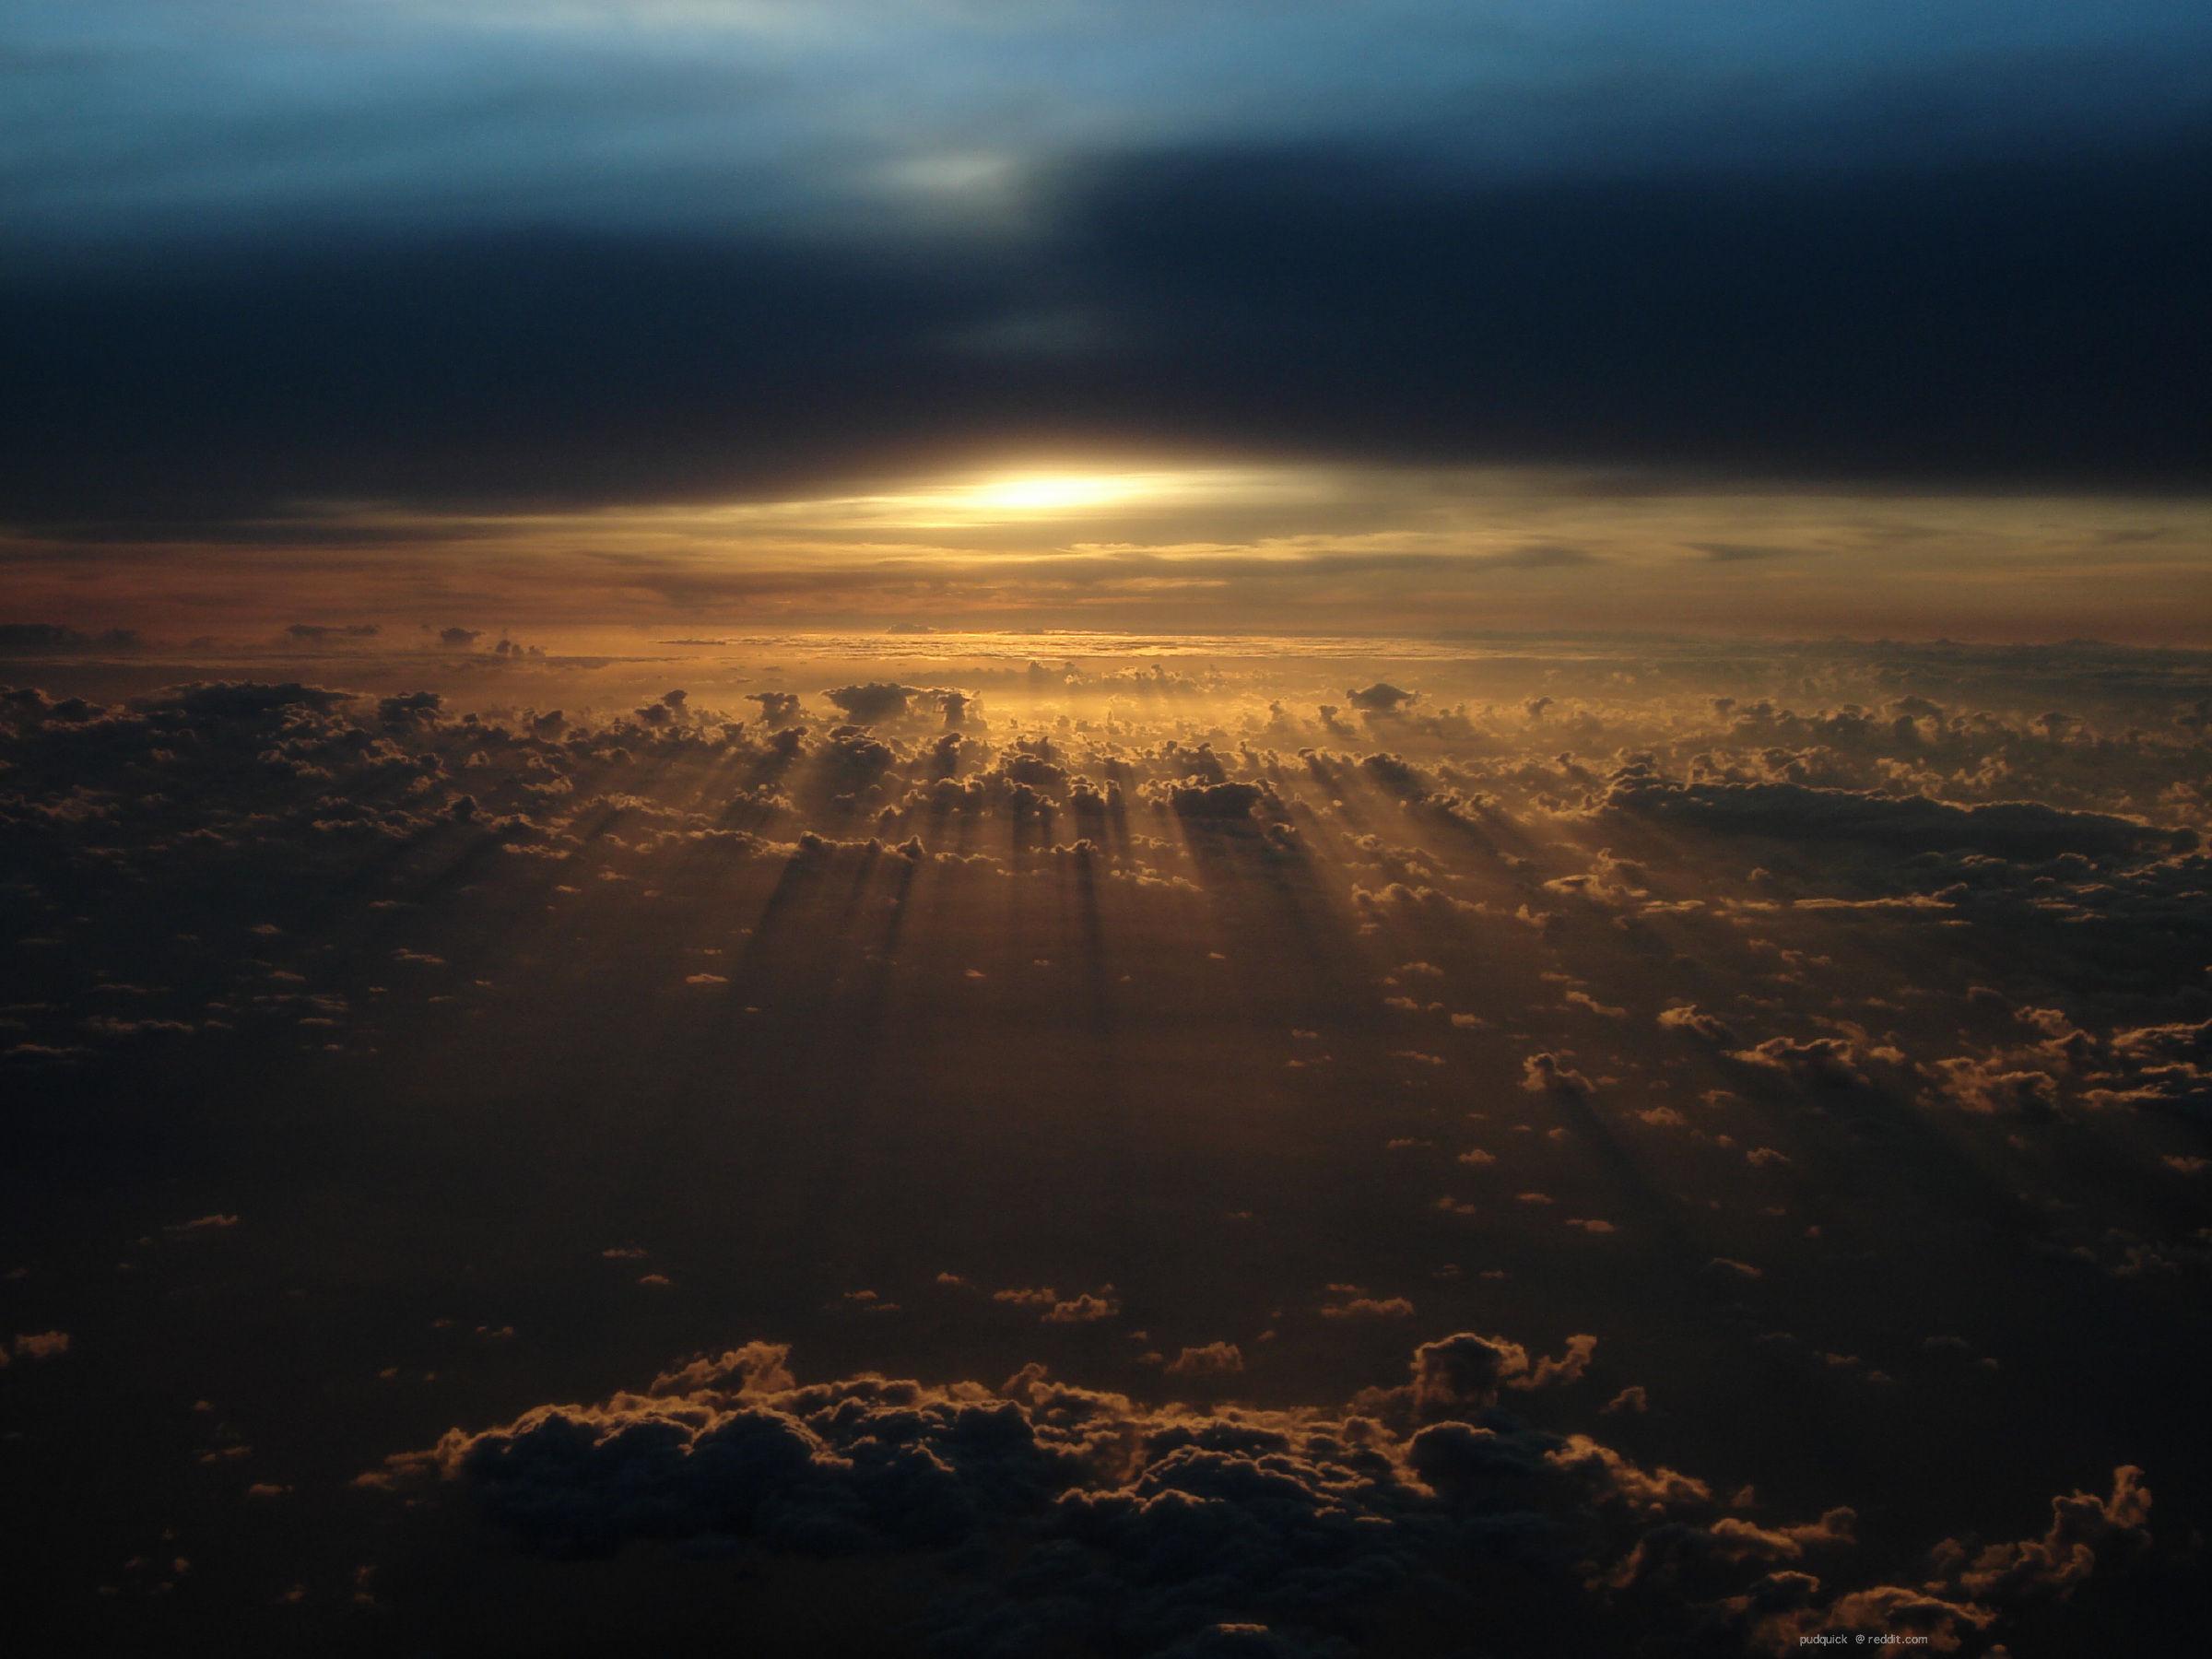 закат солнце облака  № 3852001 загрузить